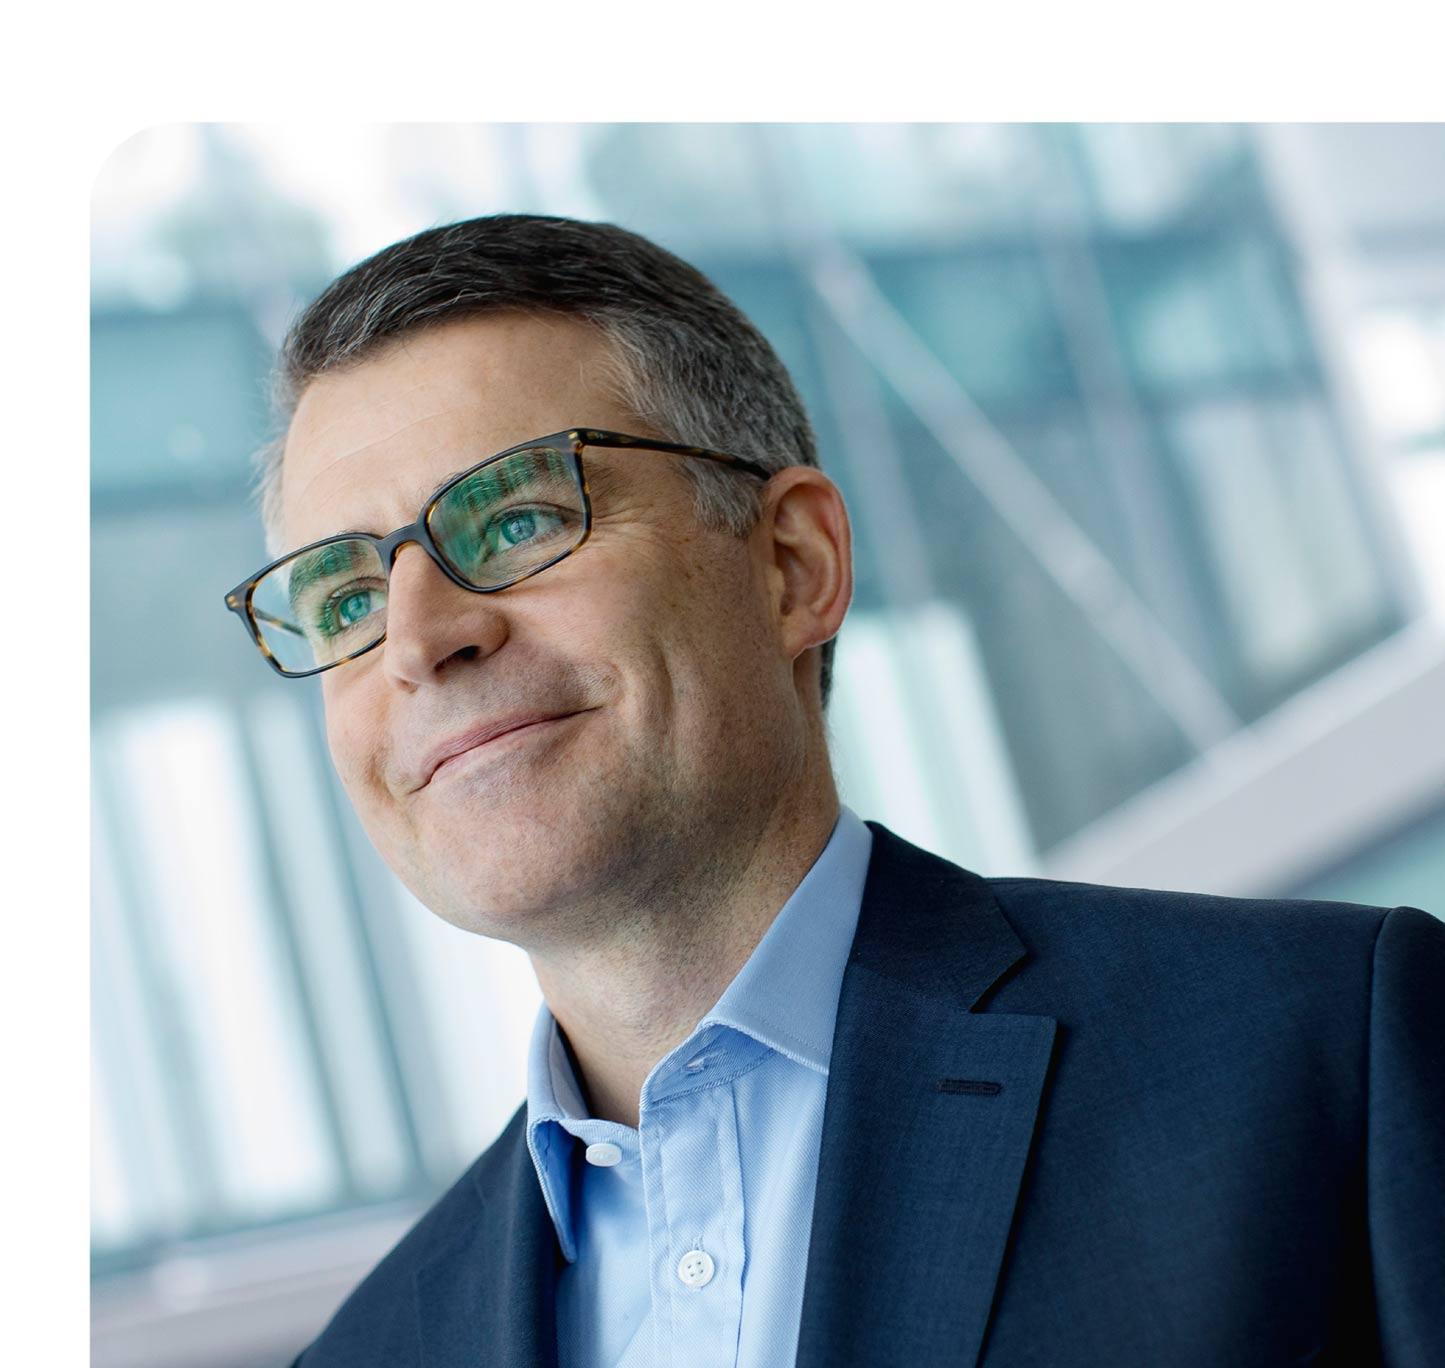 Henrik Ehrnrooth, President and CEO of KONE